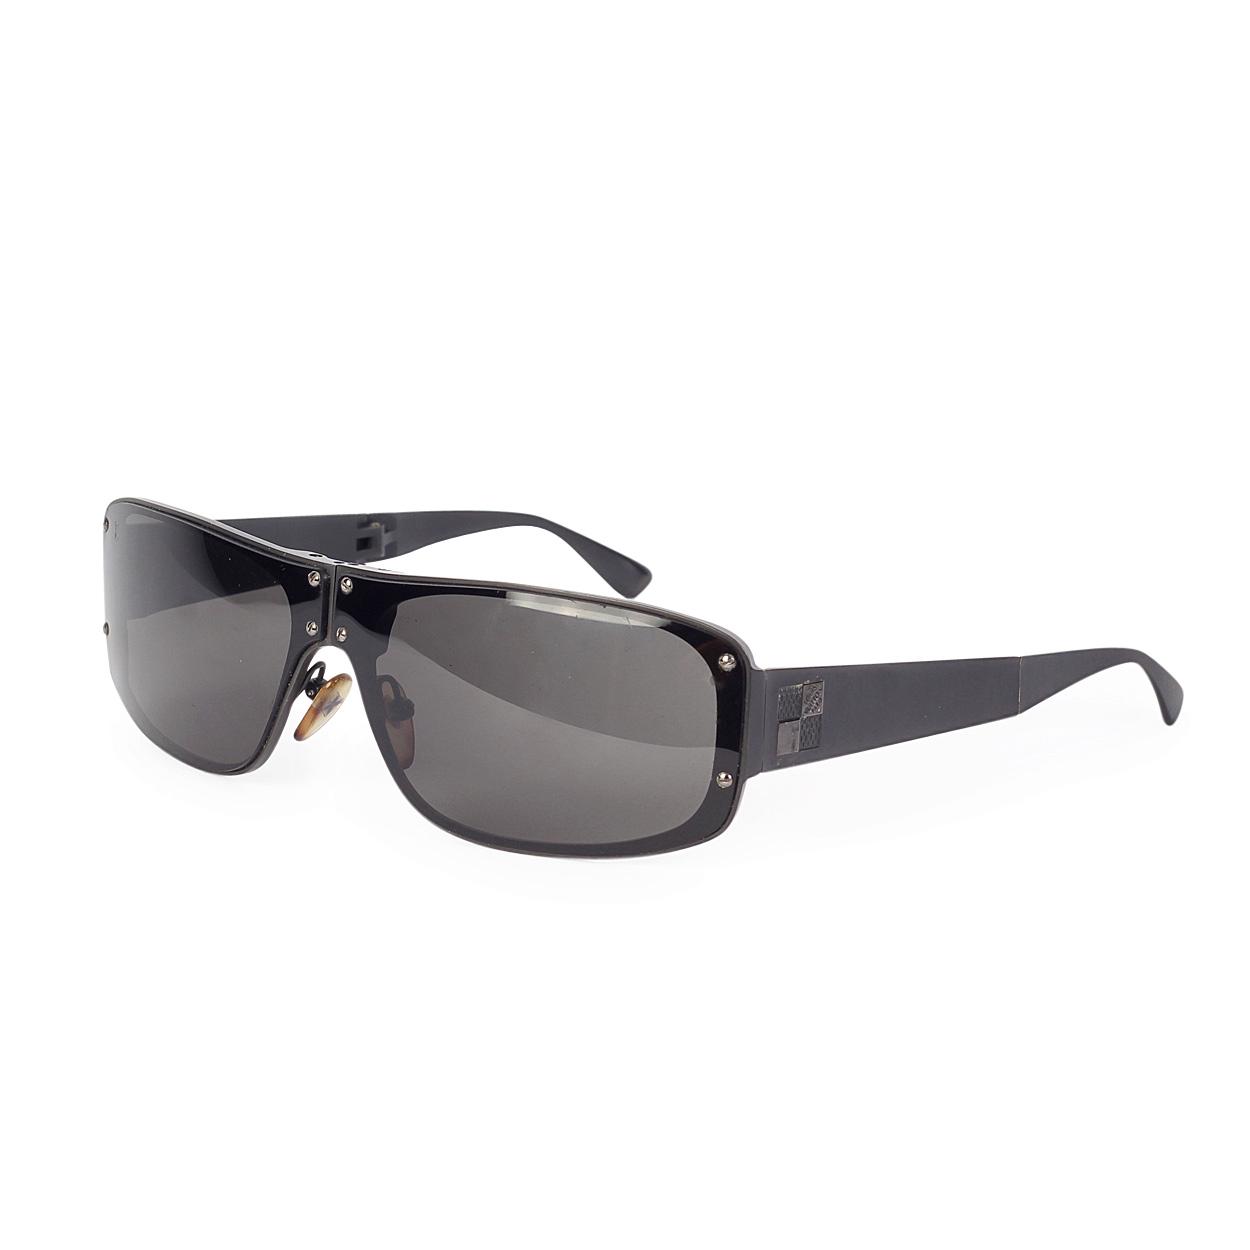 f5c90ea7a294 LOUIS VUITTON Mens Folding Evasion Sunglasses w Damier Graphite Case ...